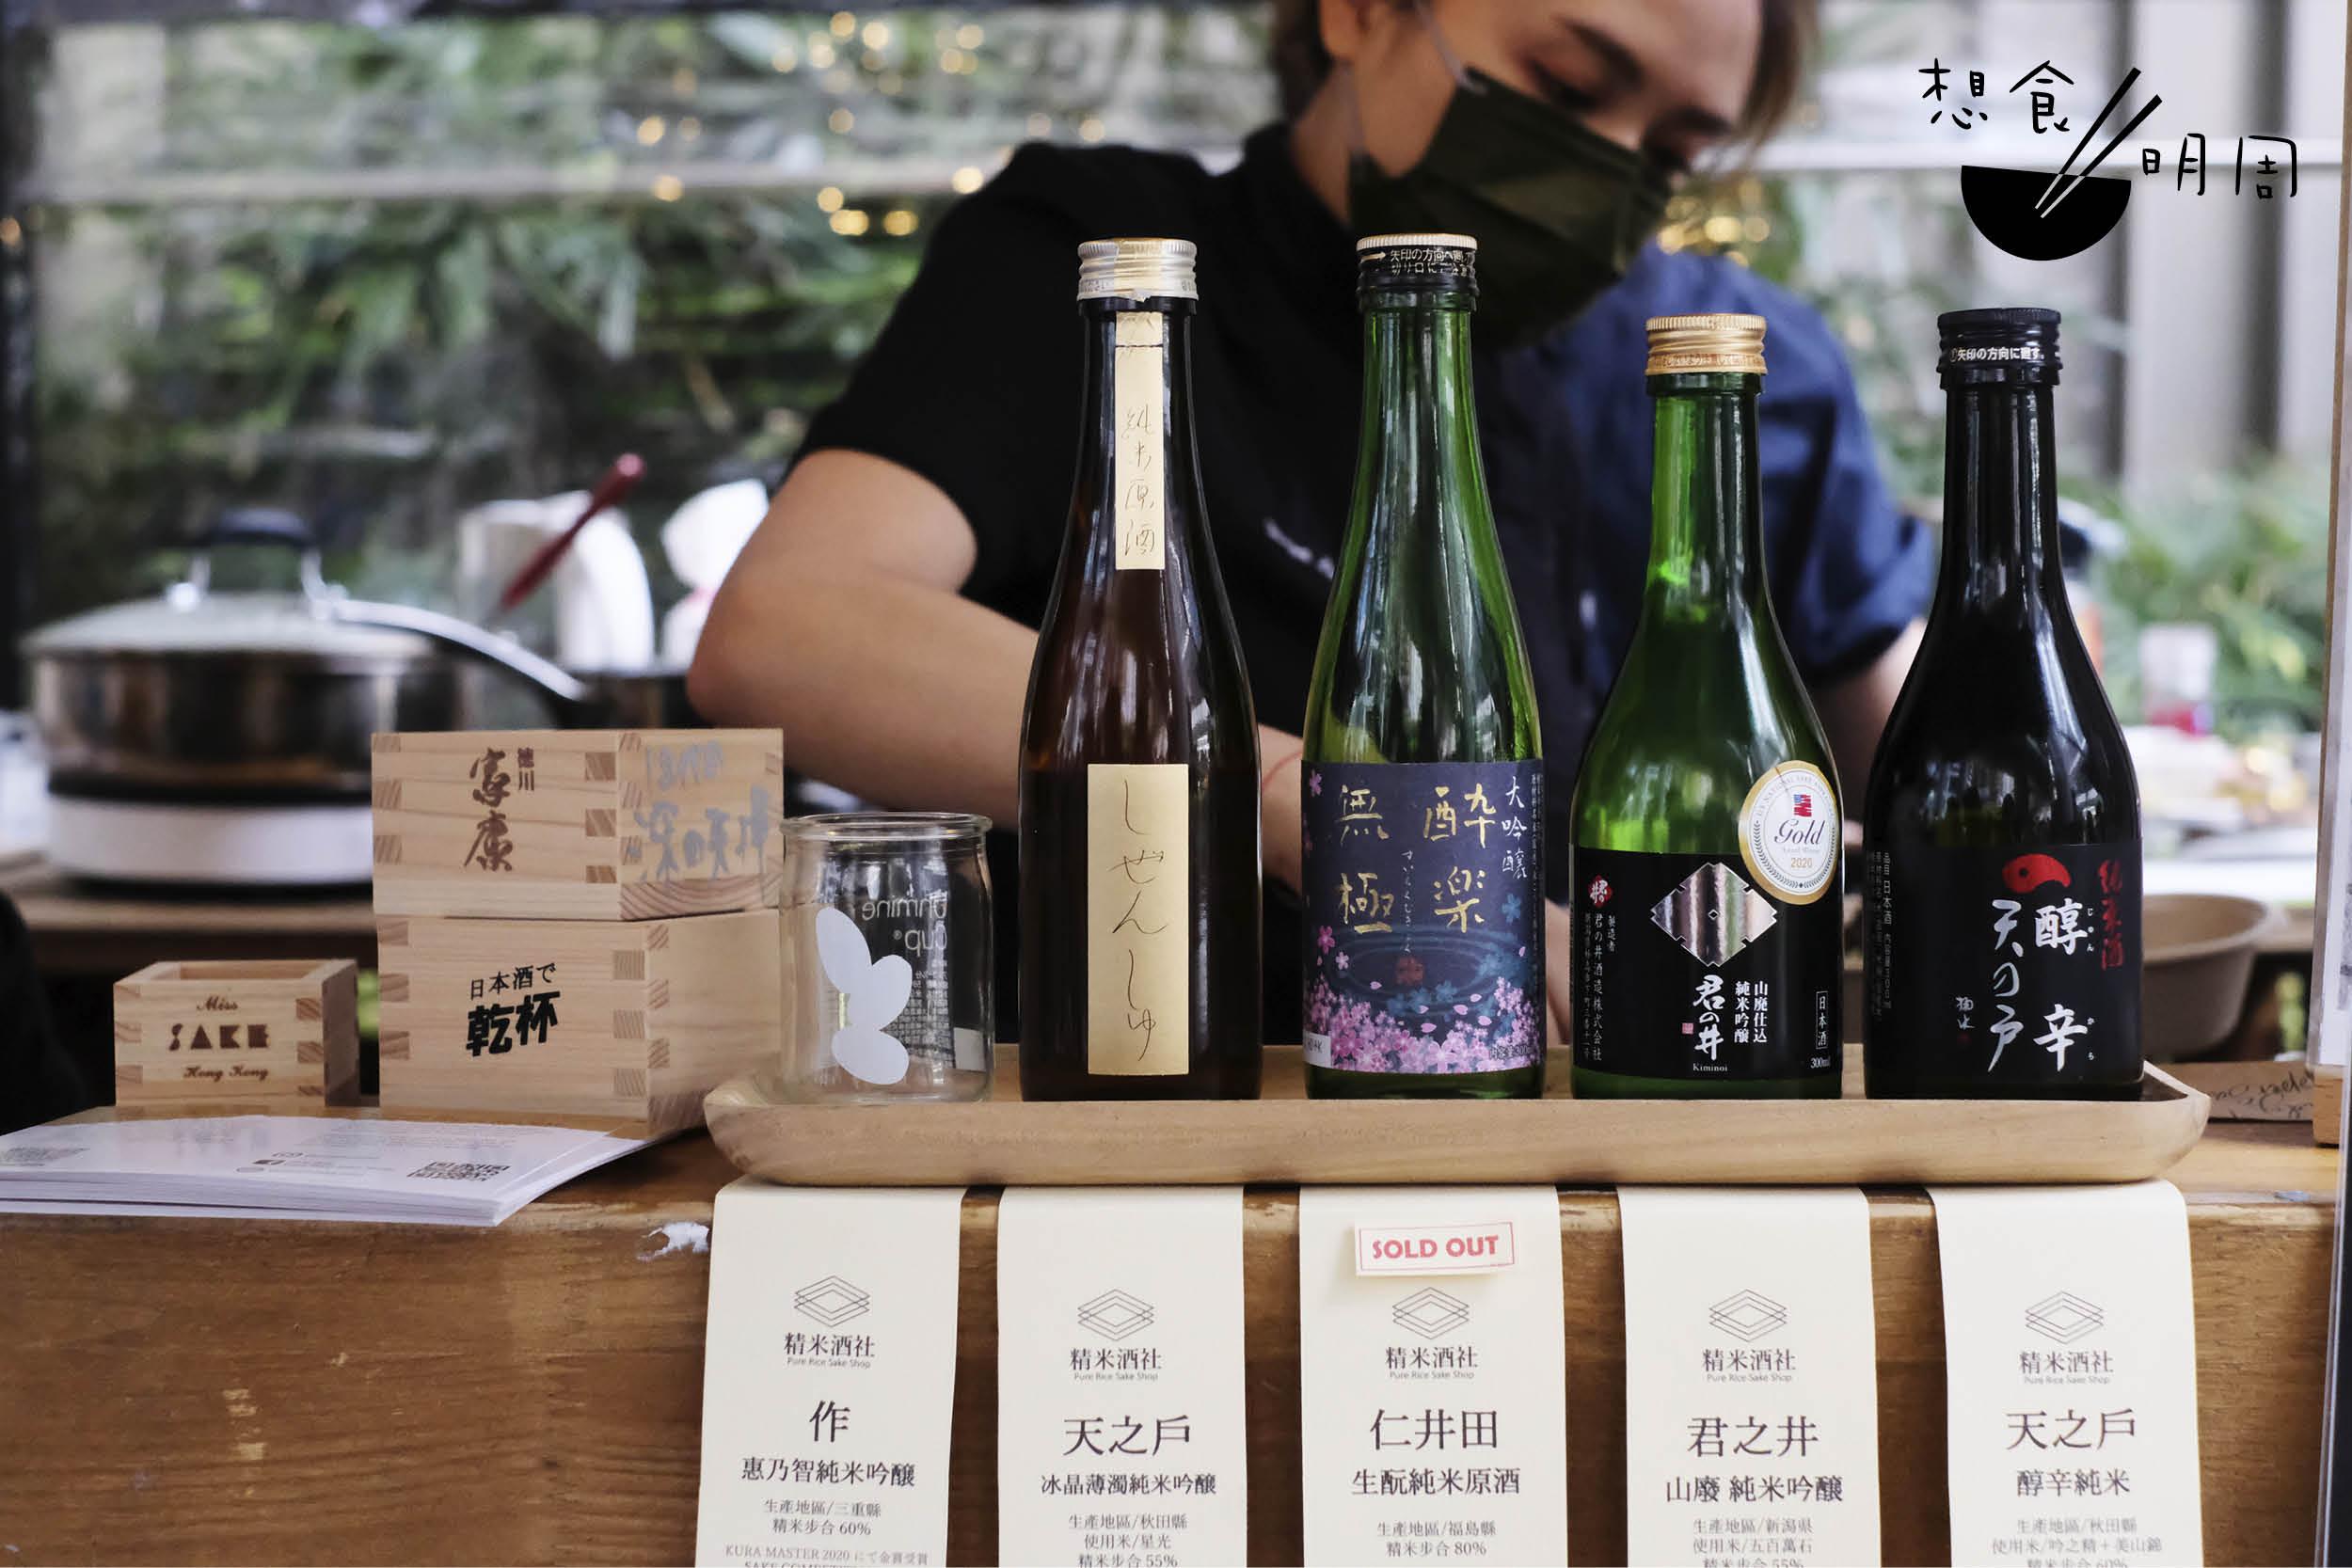 檔口今次還與「精米酒社」合作,帶來多款清酒讓大家配搭意粉或牛扒,嘗嘗紅酒以及的pairing滋味。